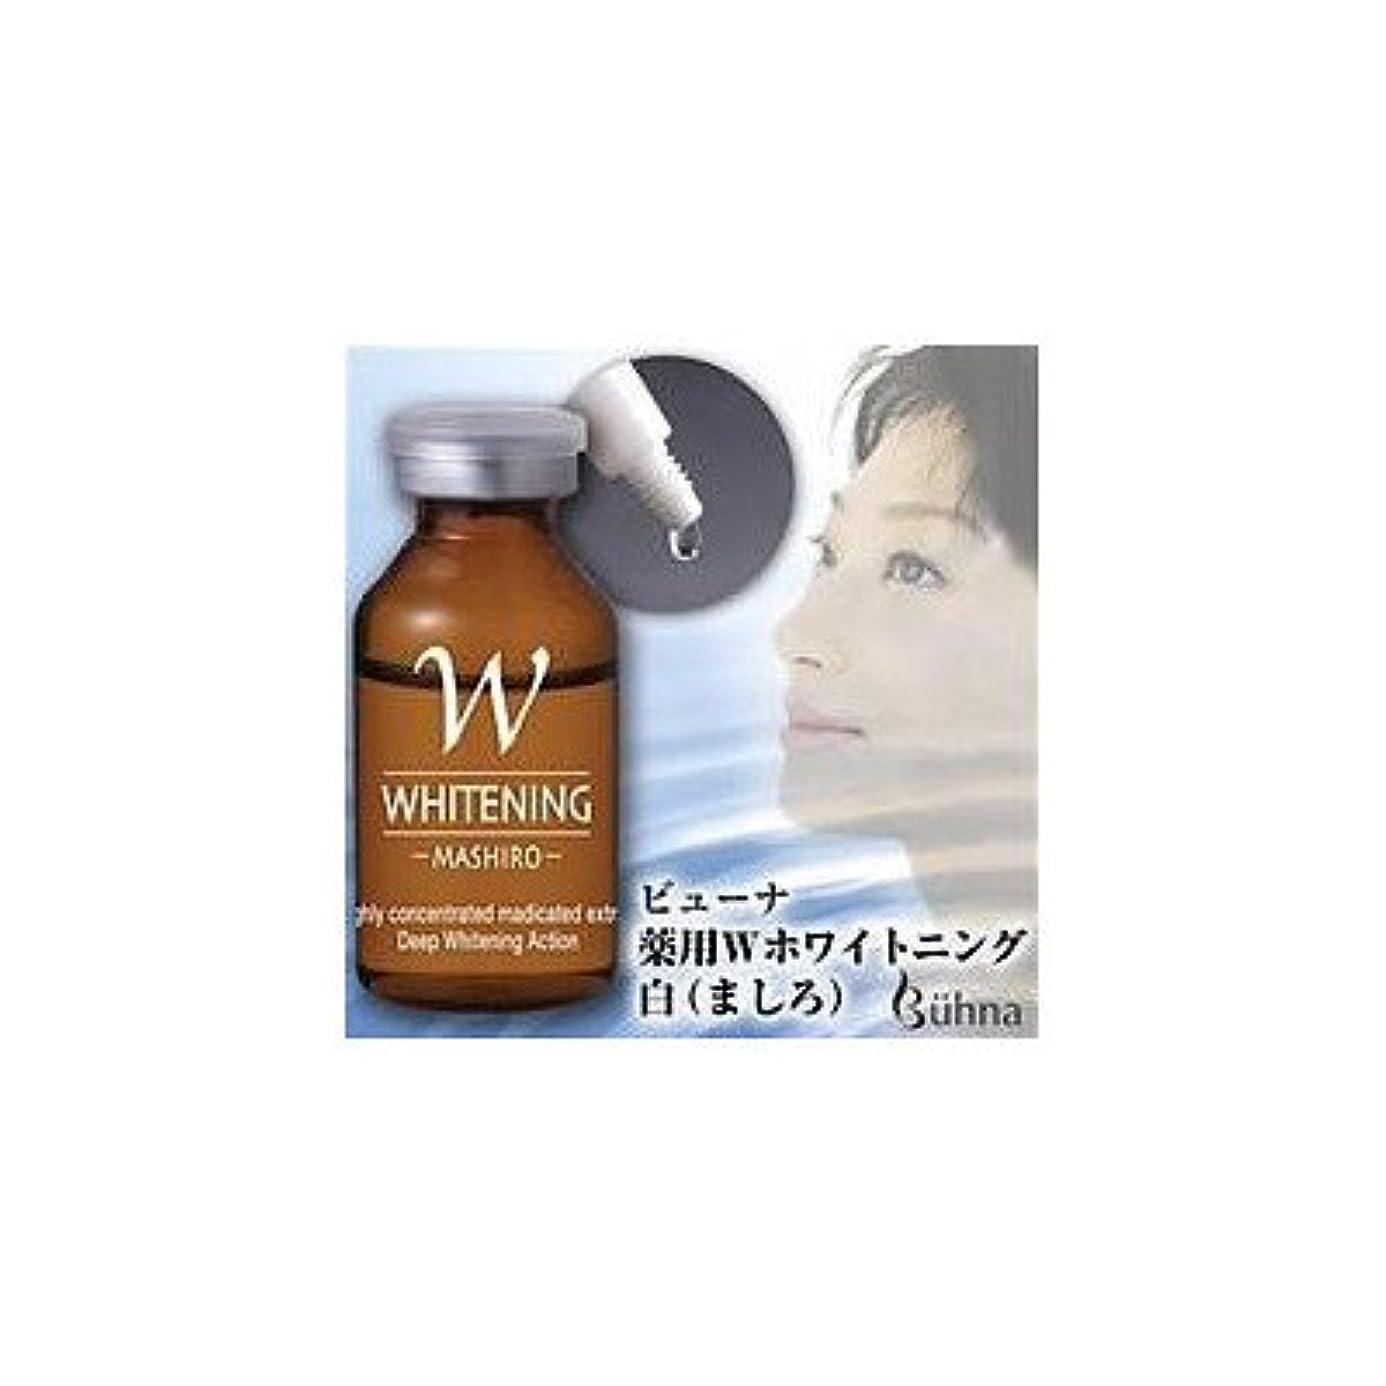 消費増幅宿題をする翌朝の肌で感じる美肌力 ビューナ 薬用Wホワイトニング 白